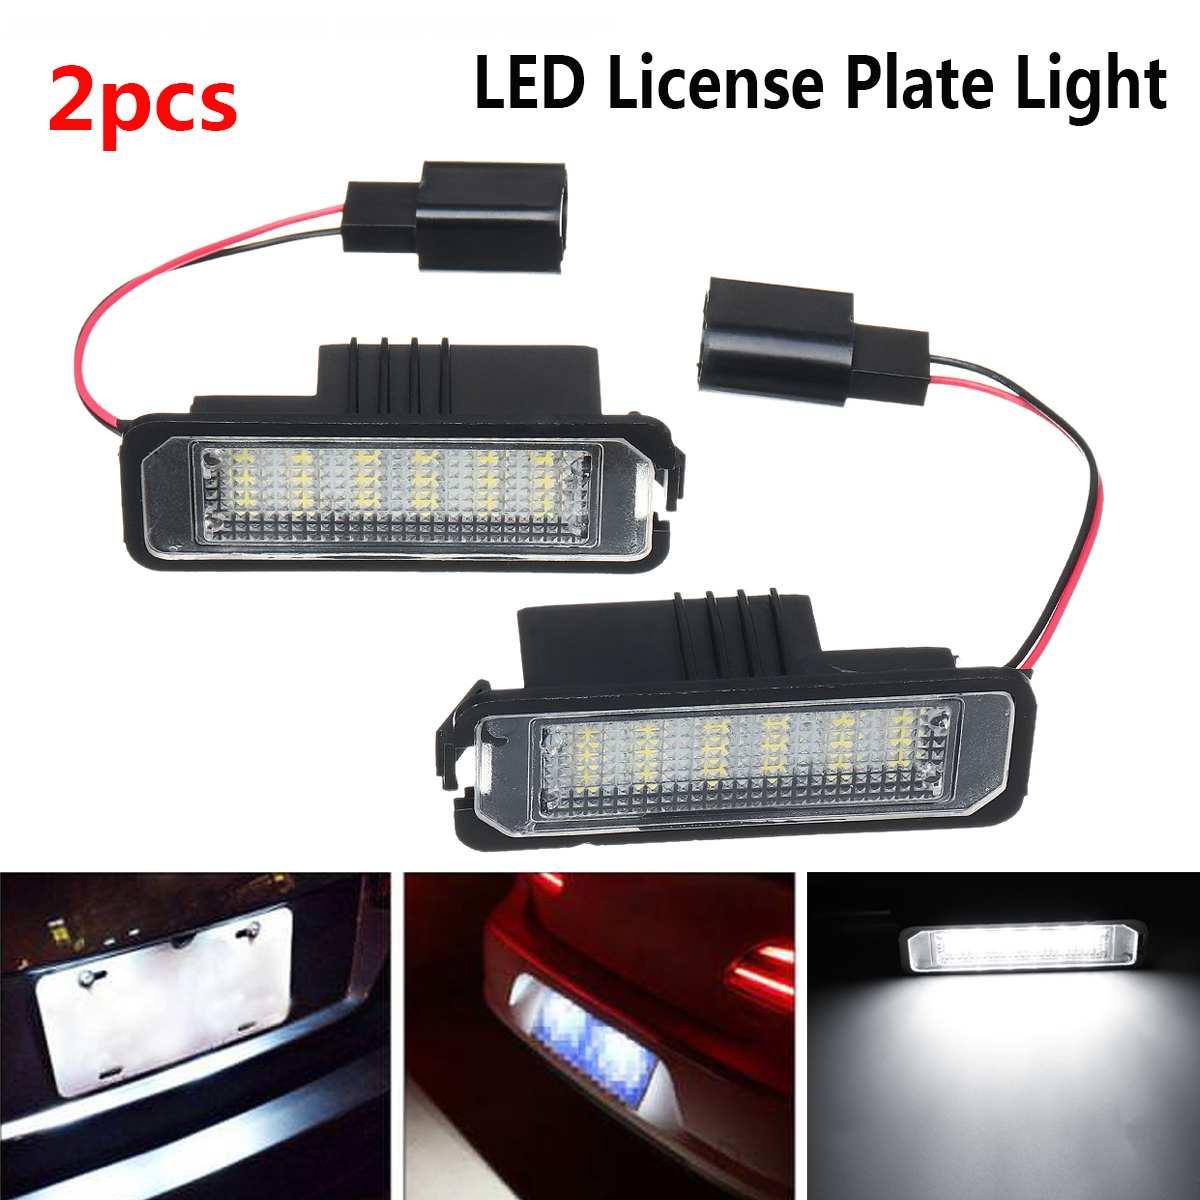 Lampes lumineuses de plaque d'immatriculation VW GOLF 4 6 Polo 9N | 2 pièces, numéro de permis 12V 5W pour Passat voiture, feux de plaque d'immatriculation accès extérieur